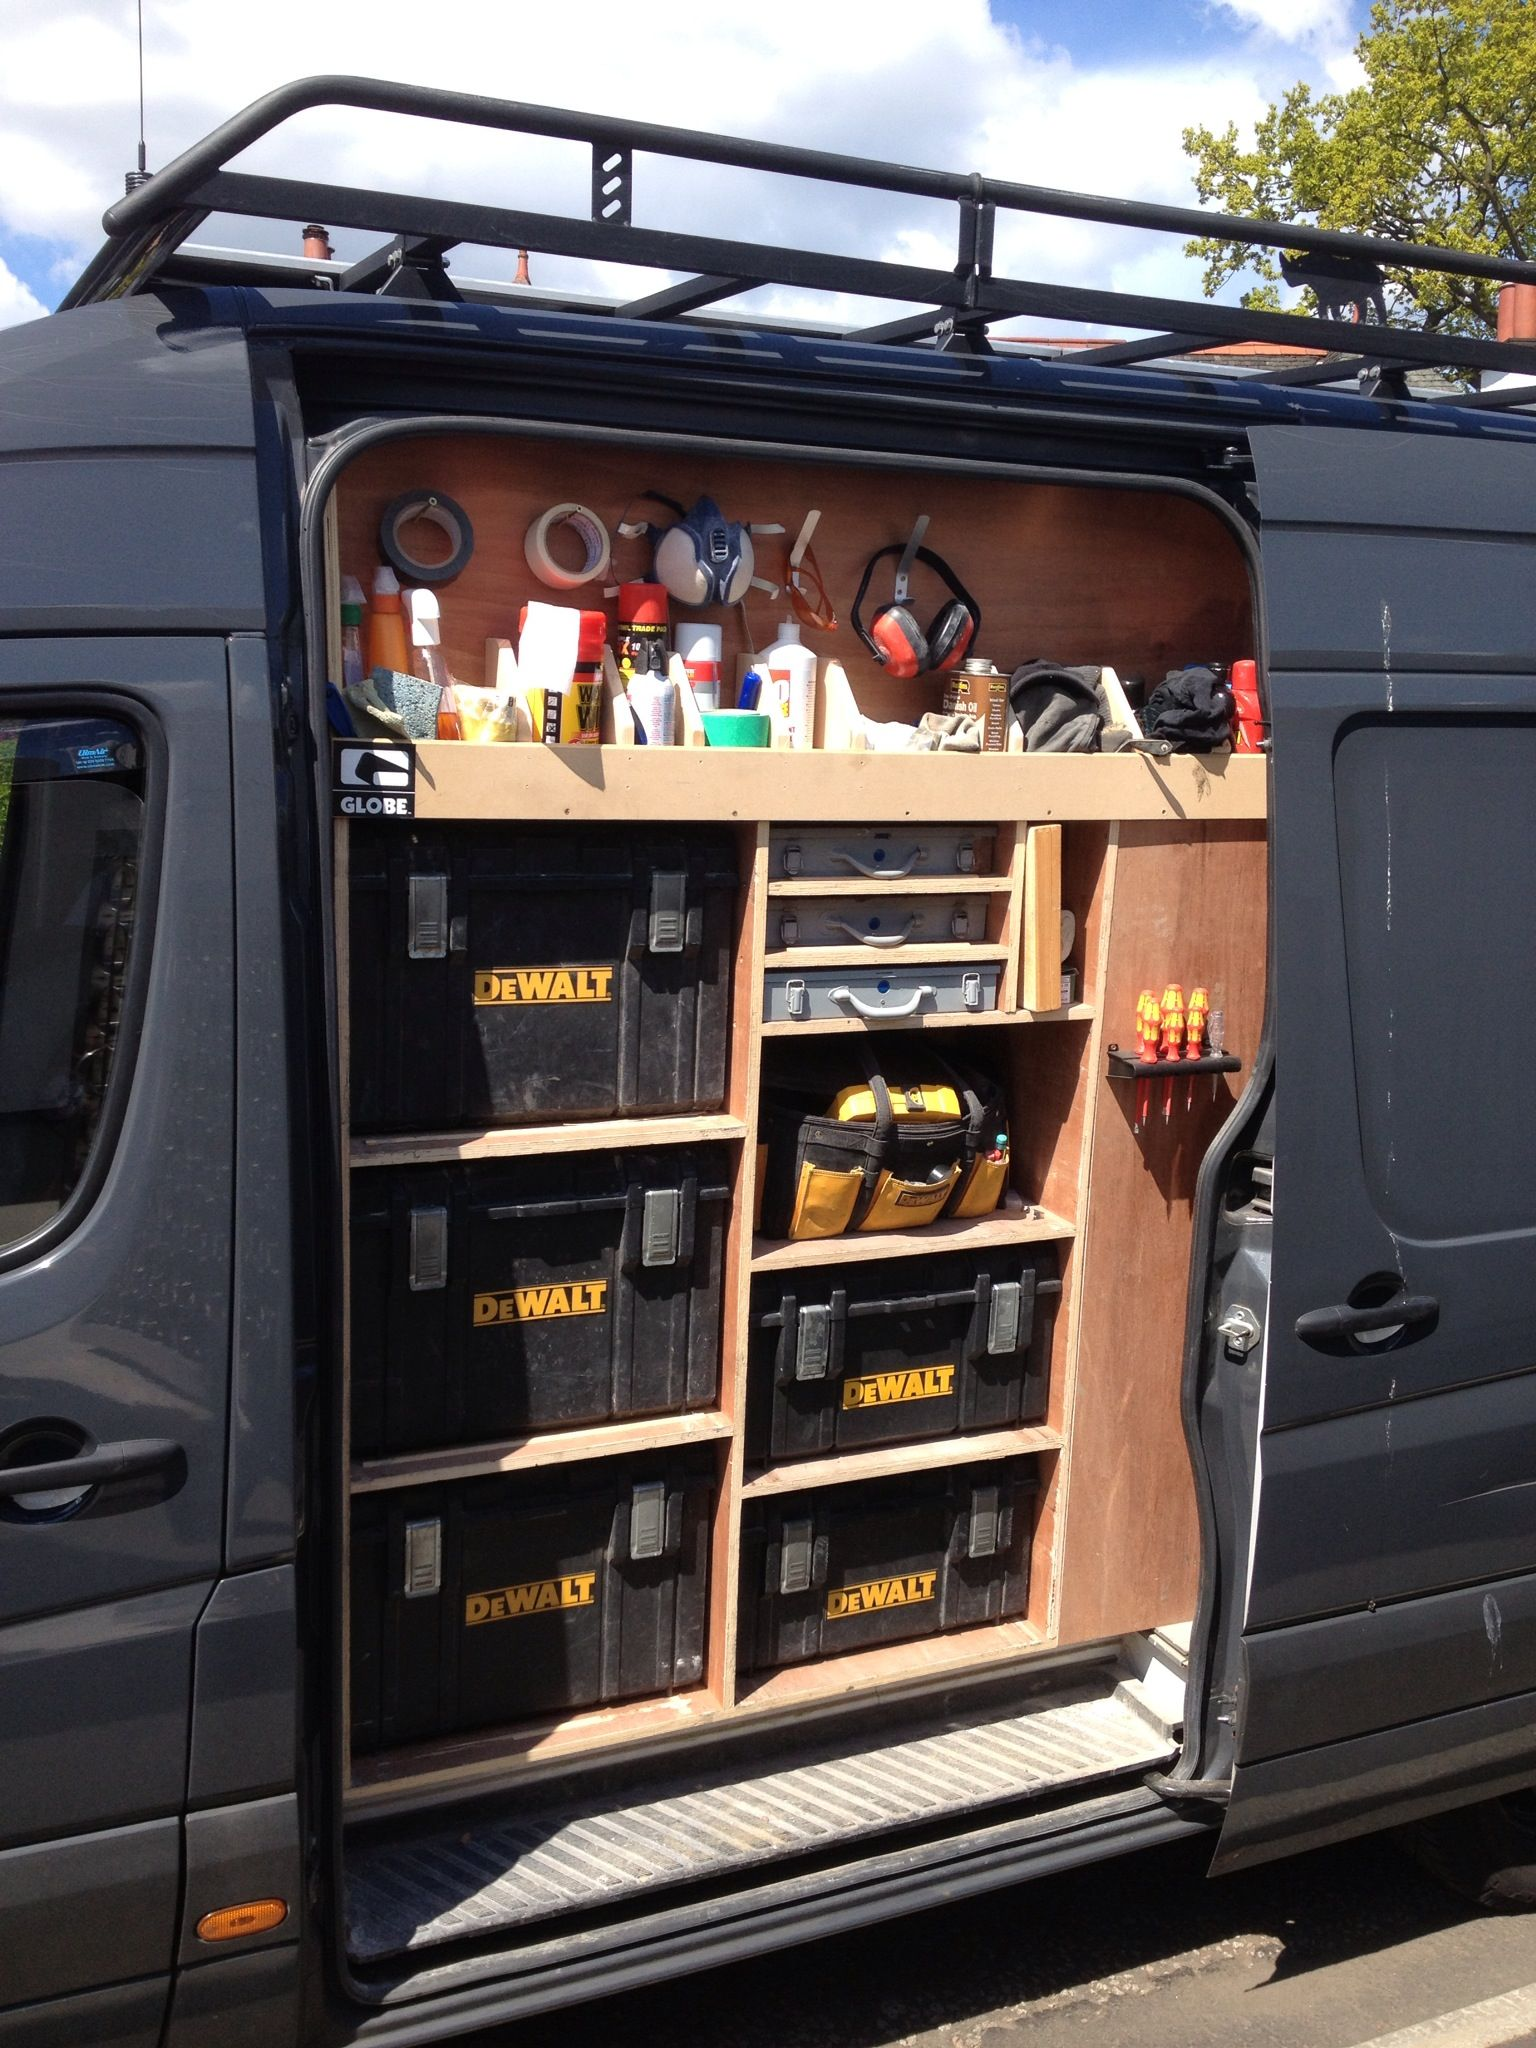 Van Racking Work Van Truck Setup Pinterest The Van